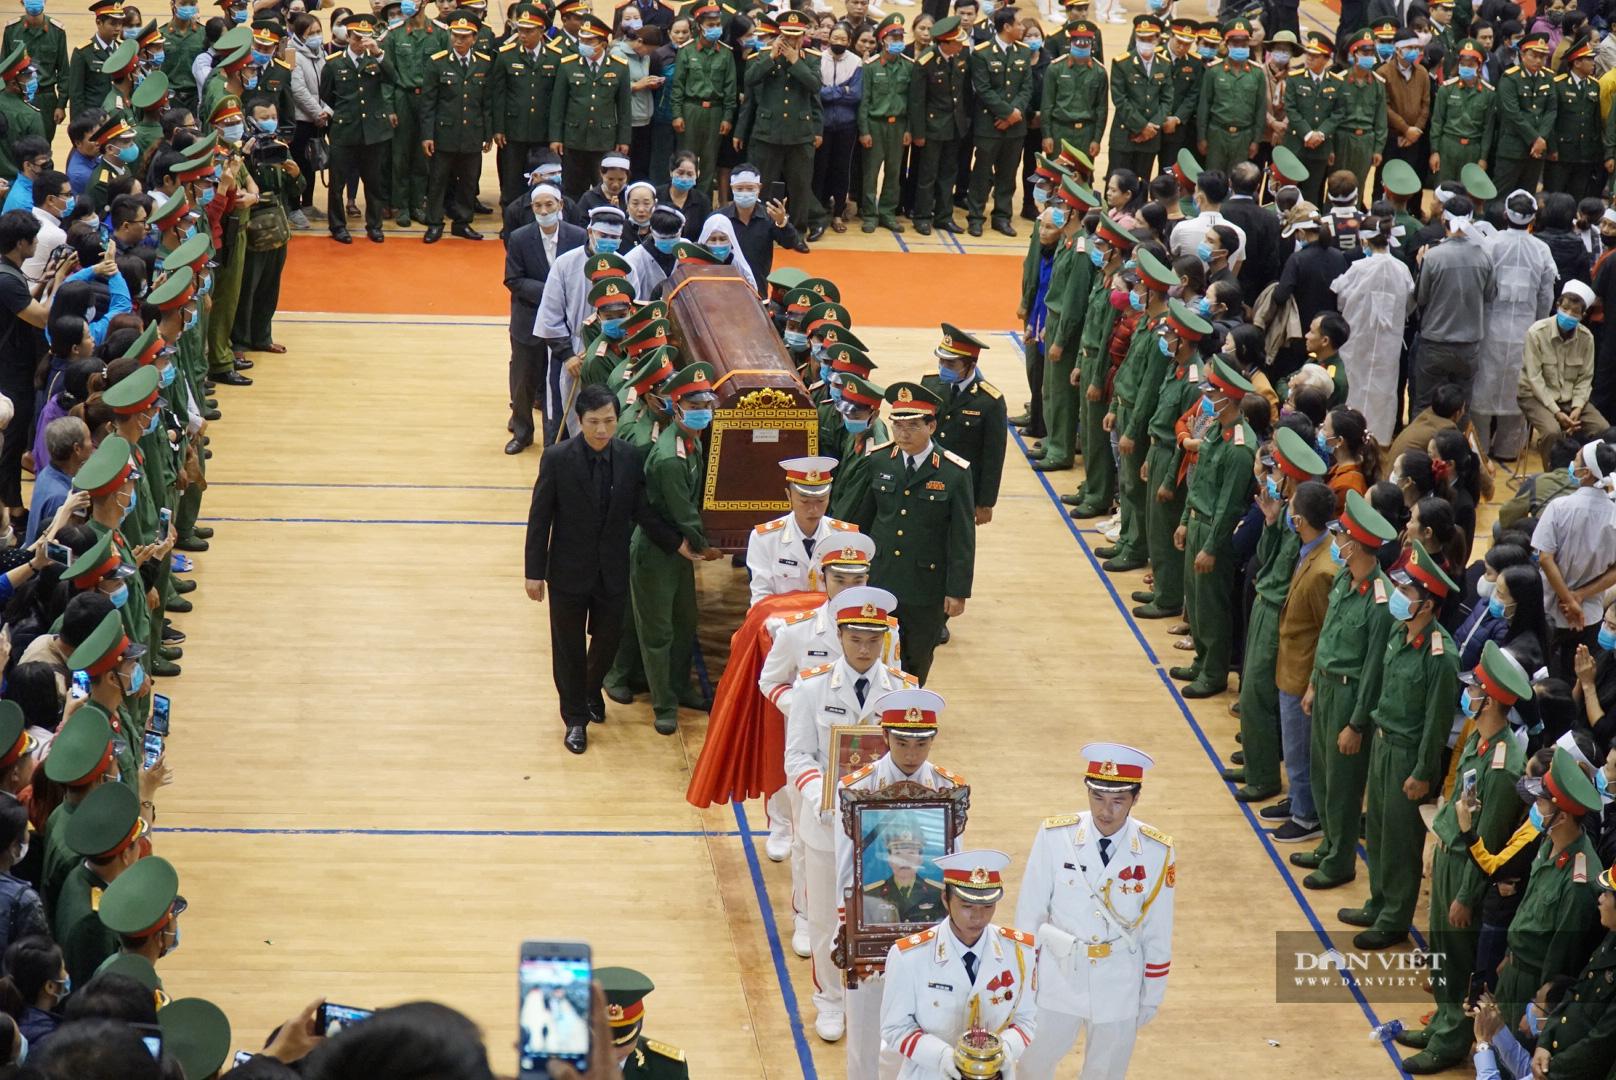 Những hình ảnh xúc động tại lễ tang 22 chiến sĩ đoàn 337 hy sinh - Ảnh 9.